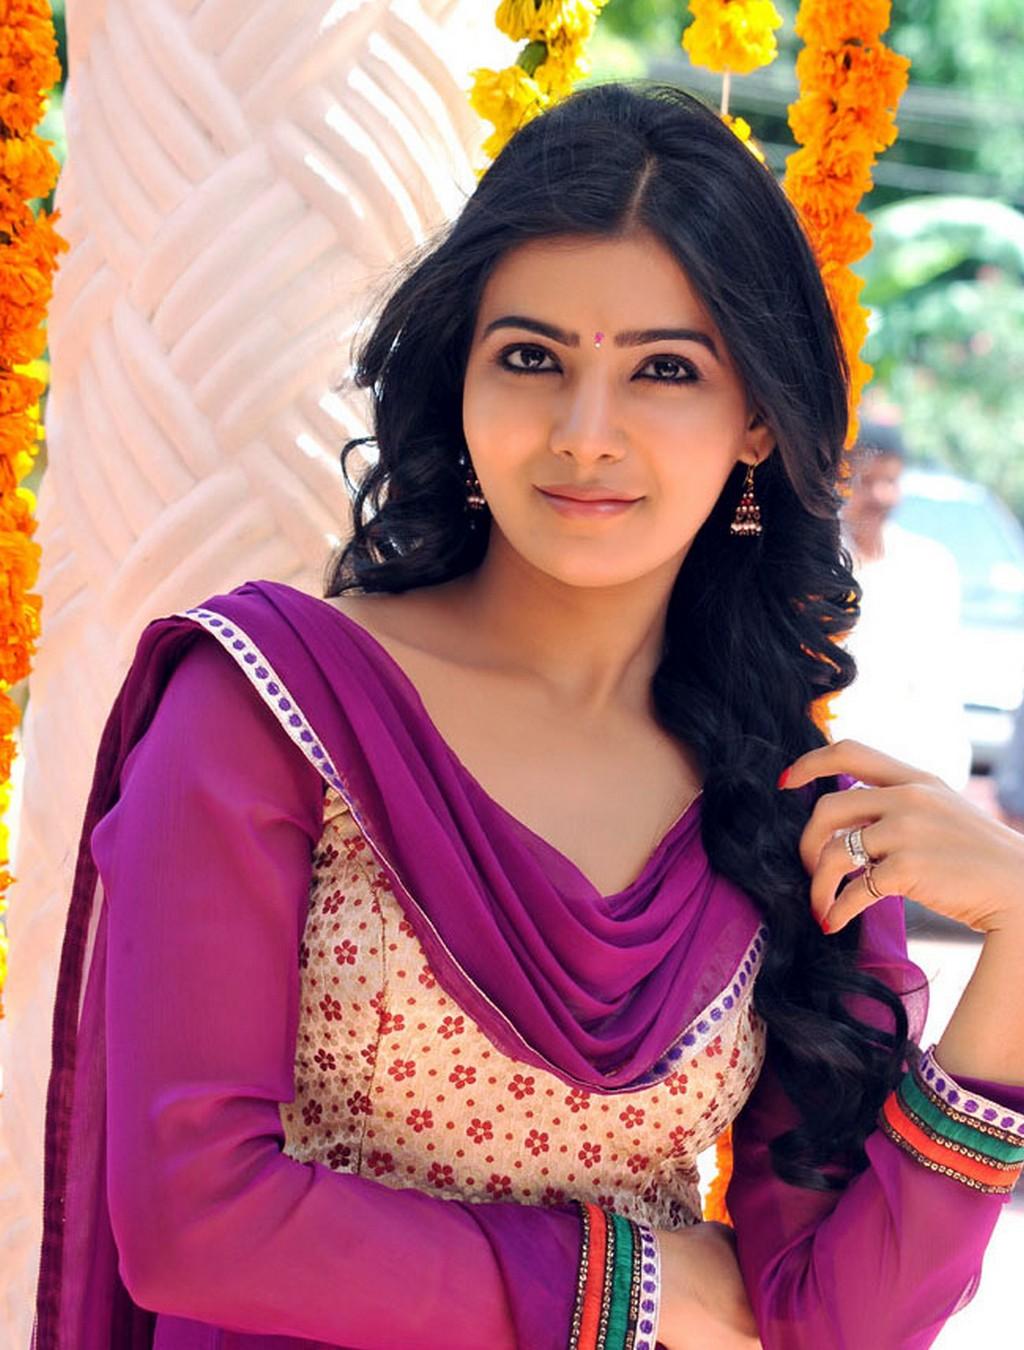 telugu actress hot pics | telugu actress hot photos | telugu actress